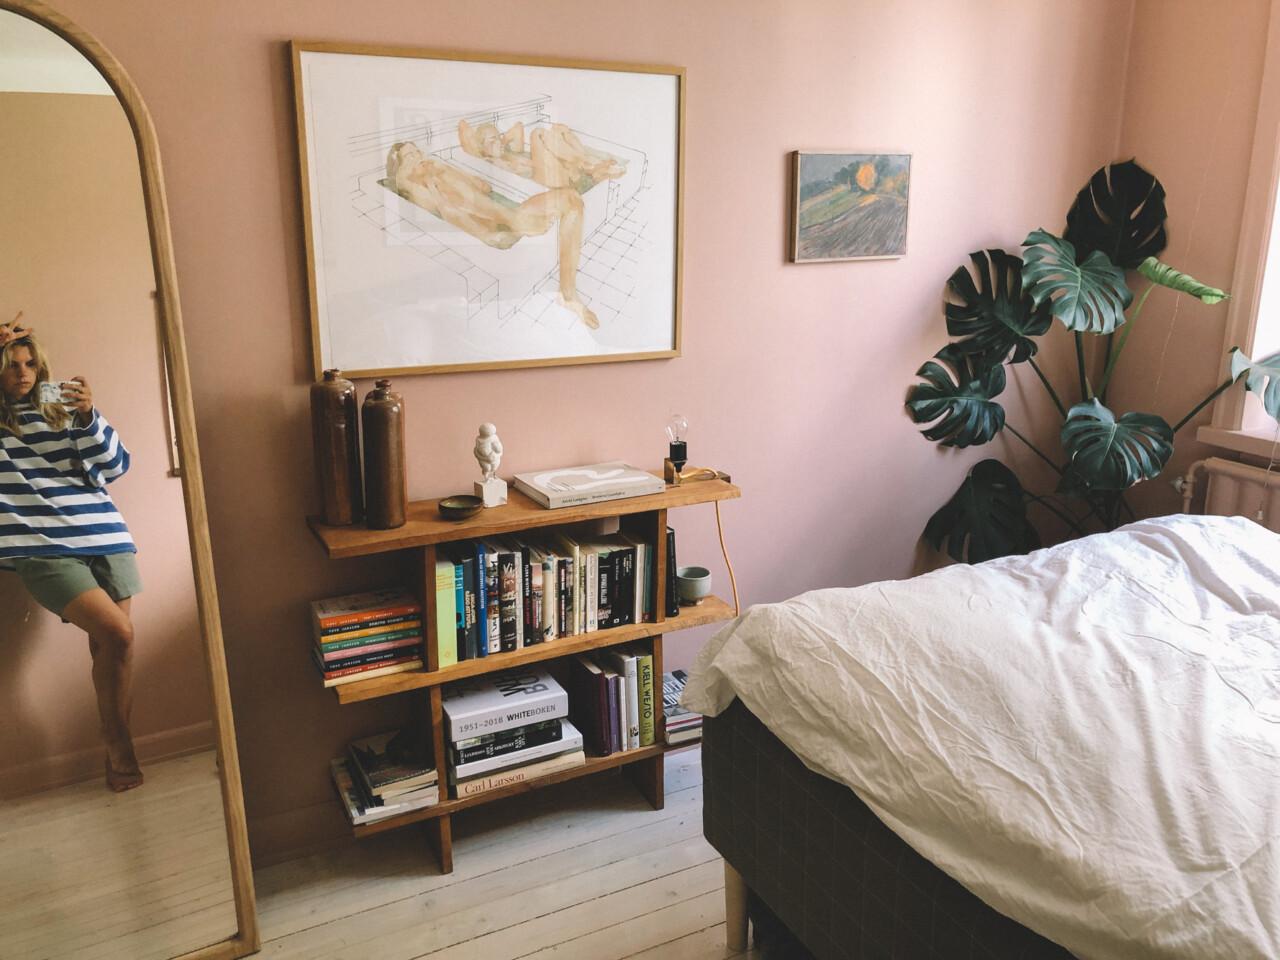 Sovrummet – med ny hylla och nya tavlor